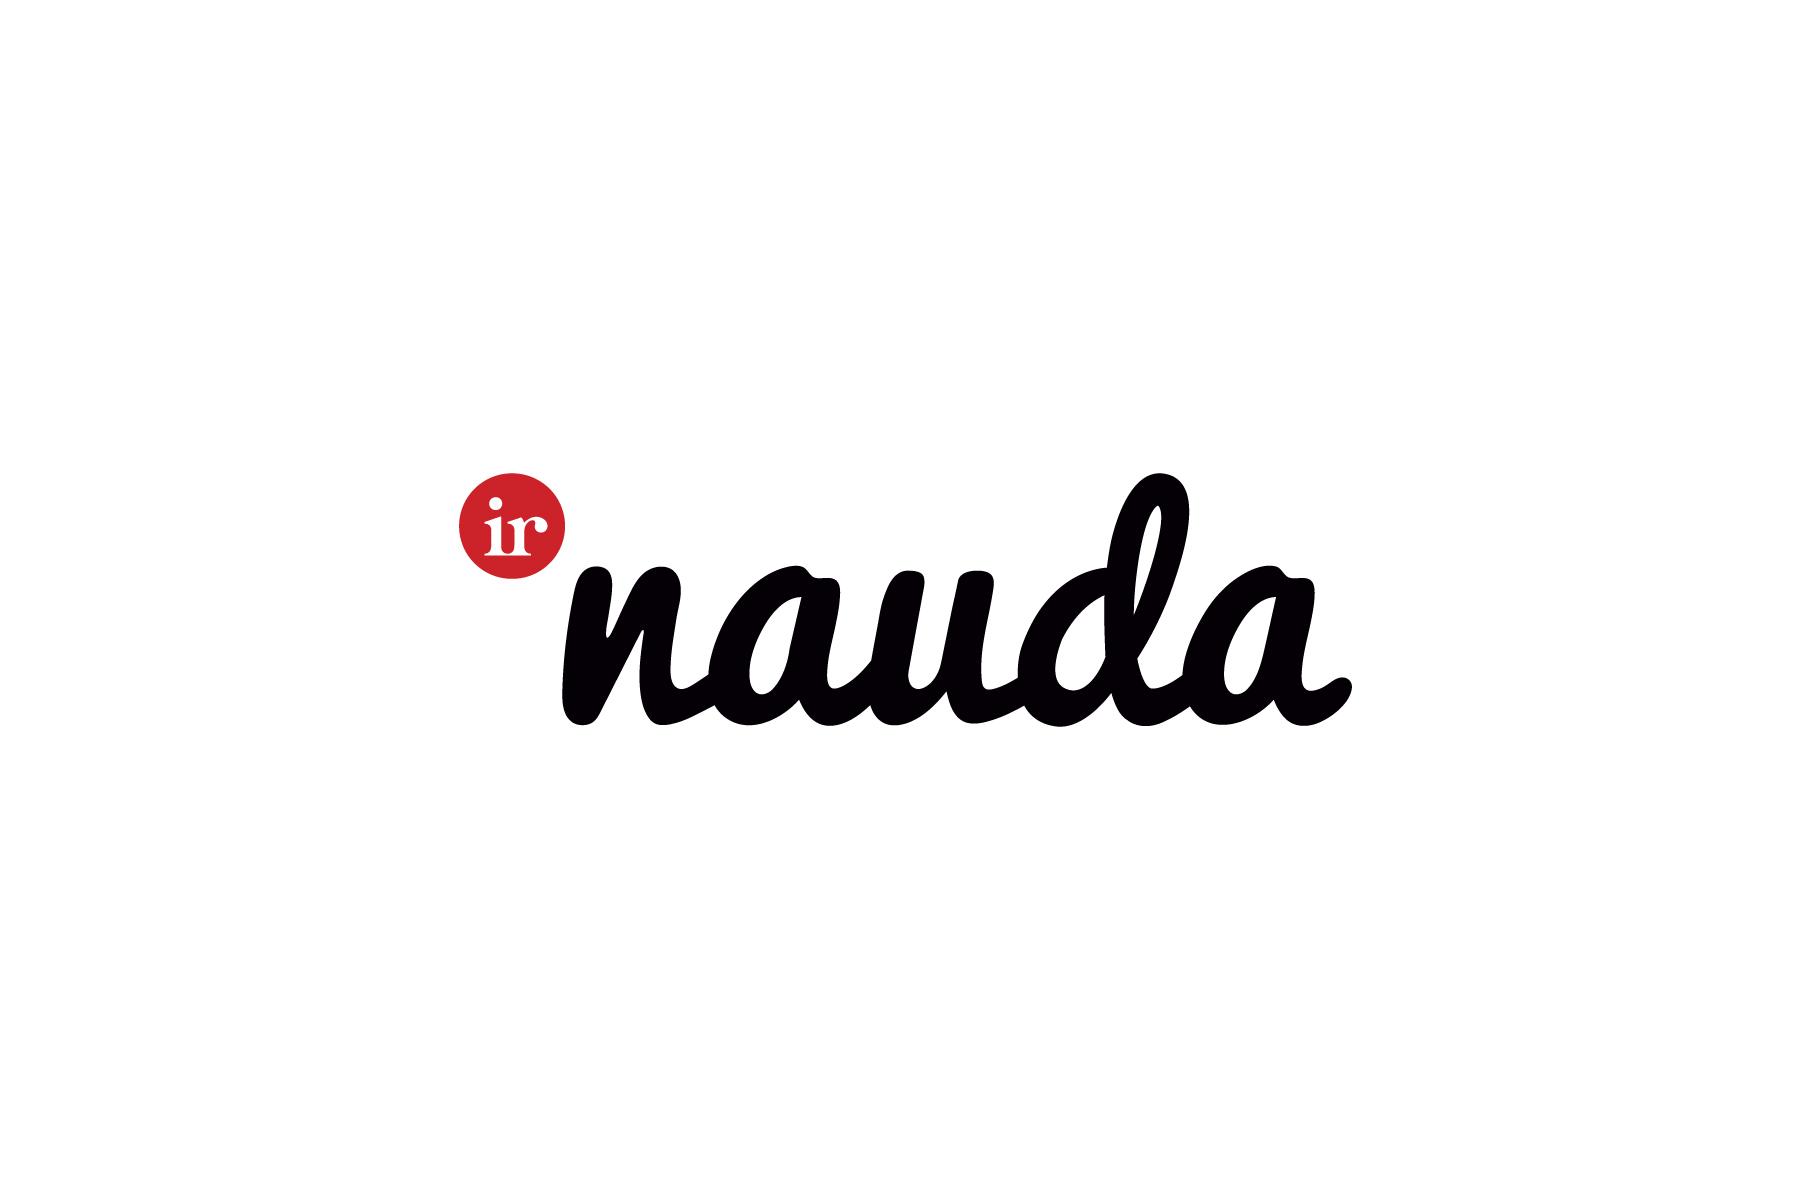 irnauda_cover_logo